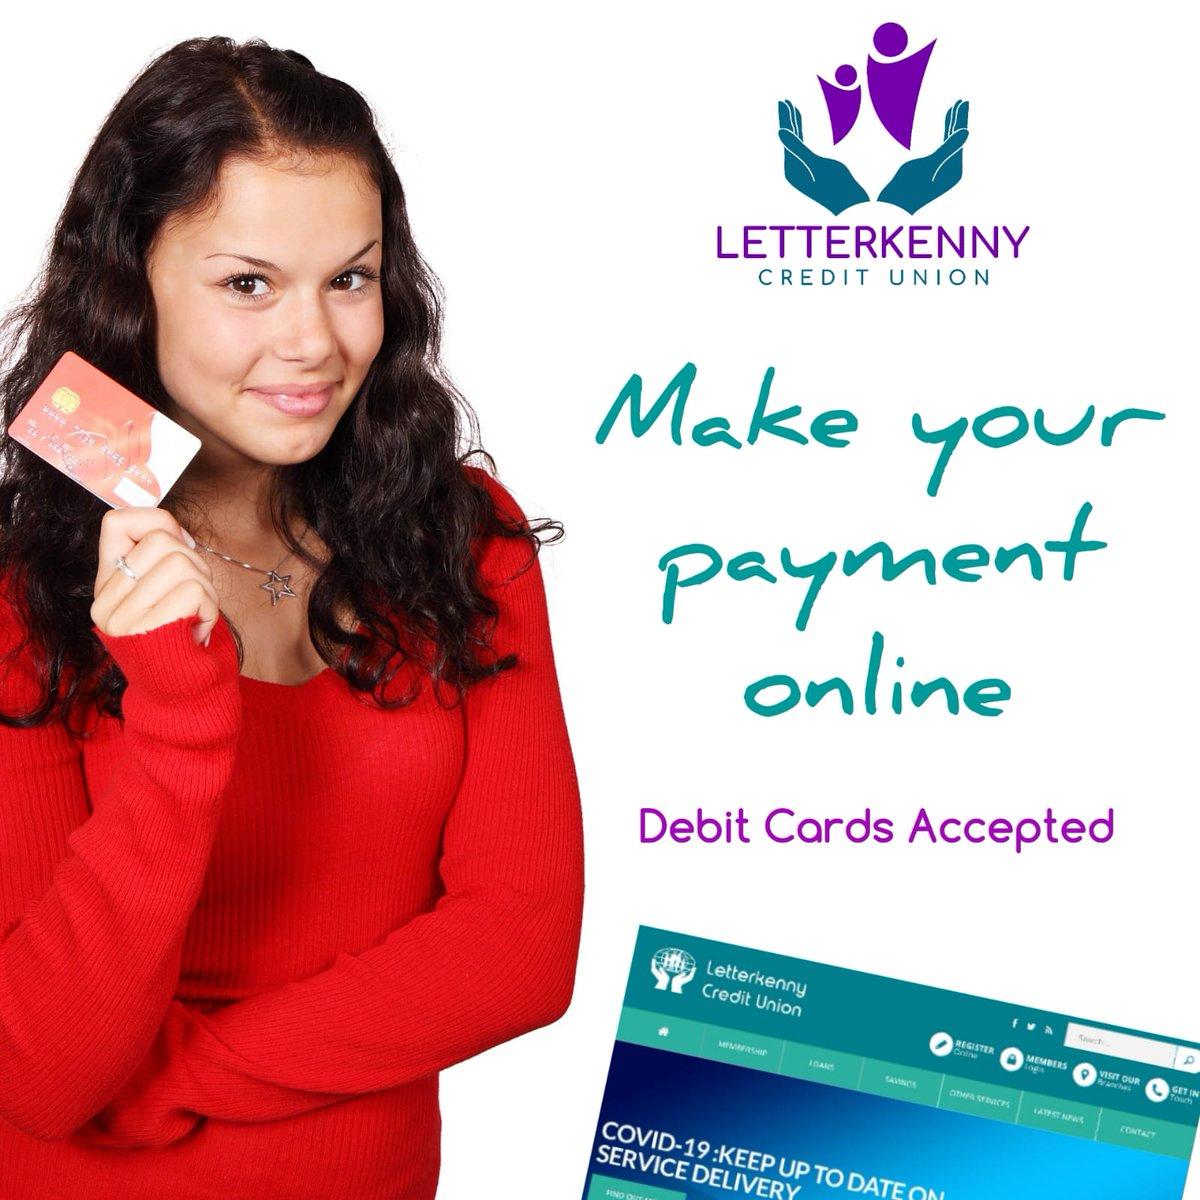 Letterkenny dating site - free online dating in Letterkenny